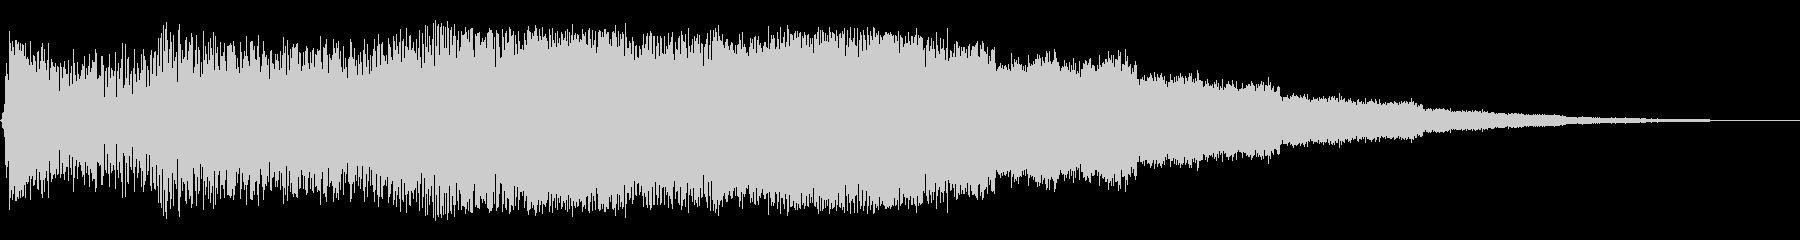 パワーフラックスパルサーの未再生の波形